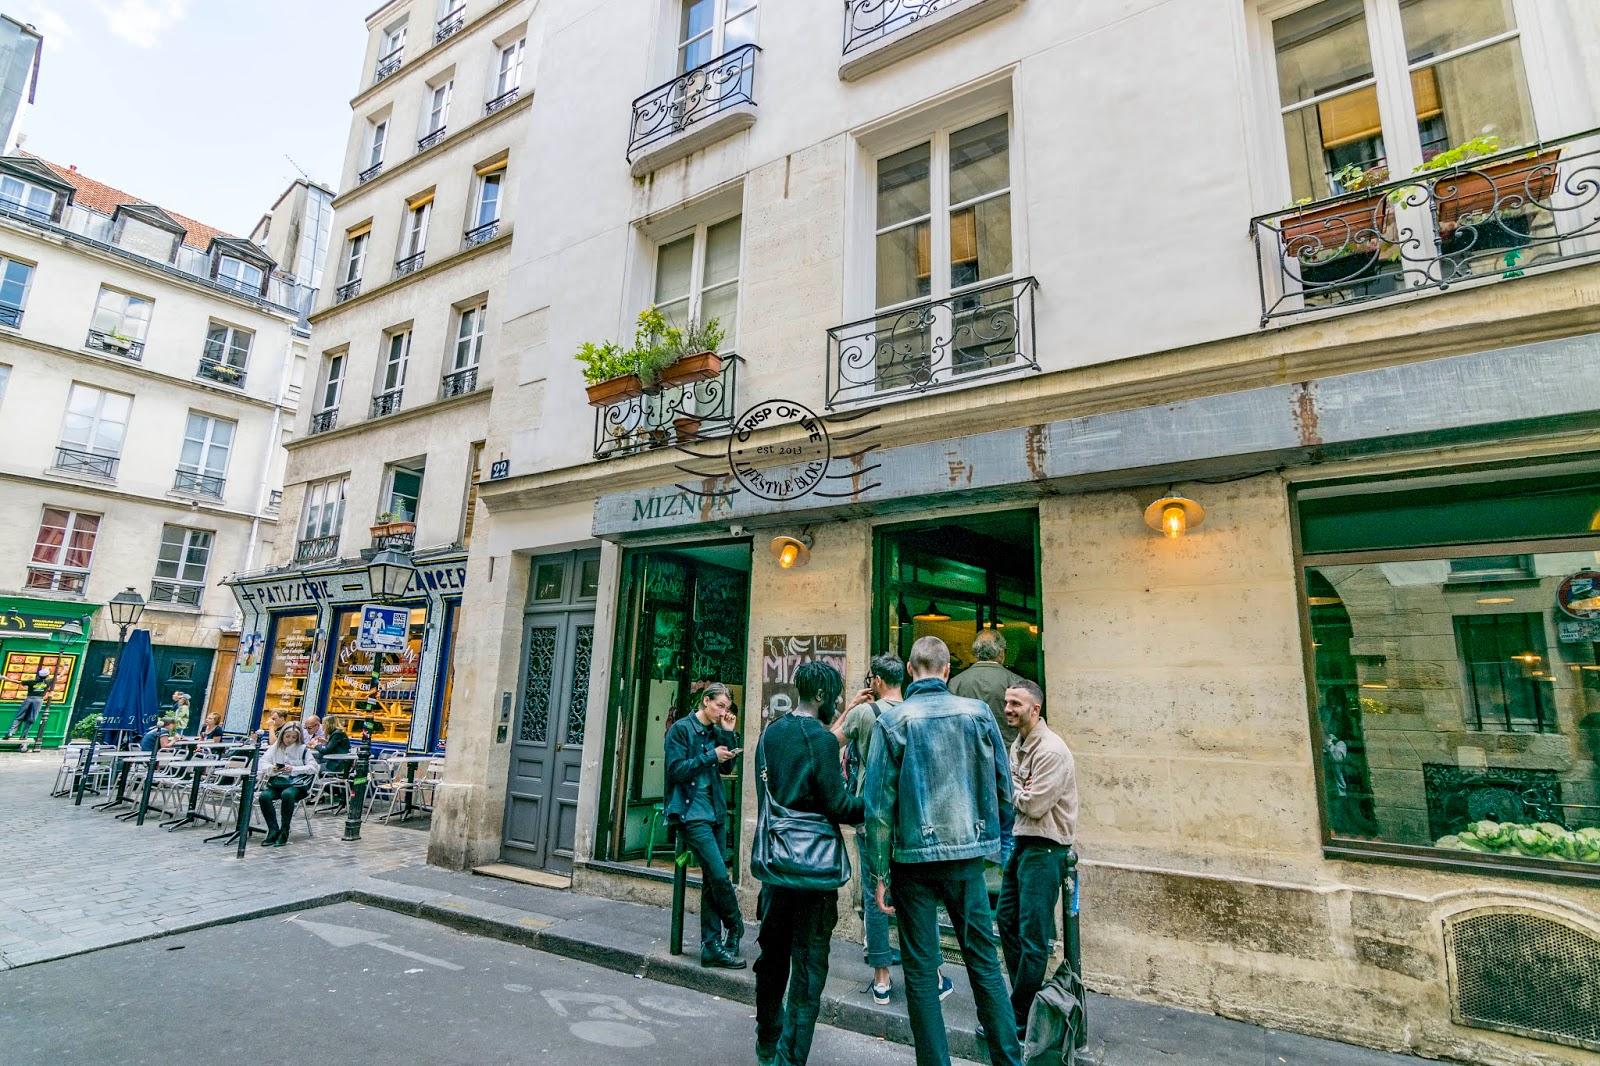 Miznon Paris